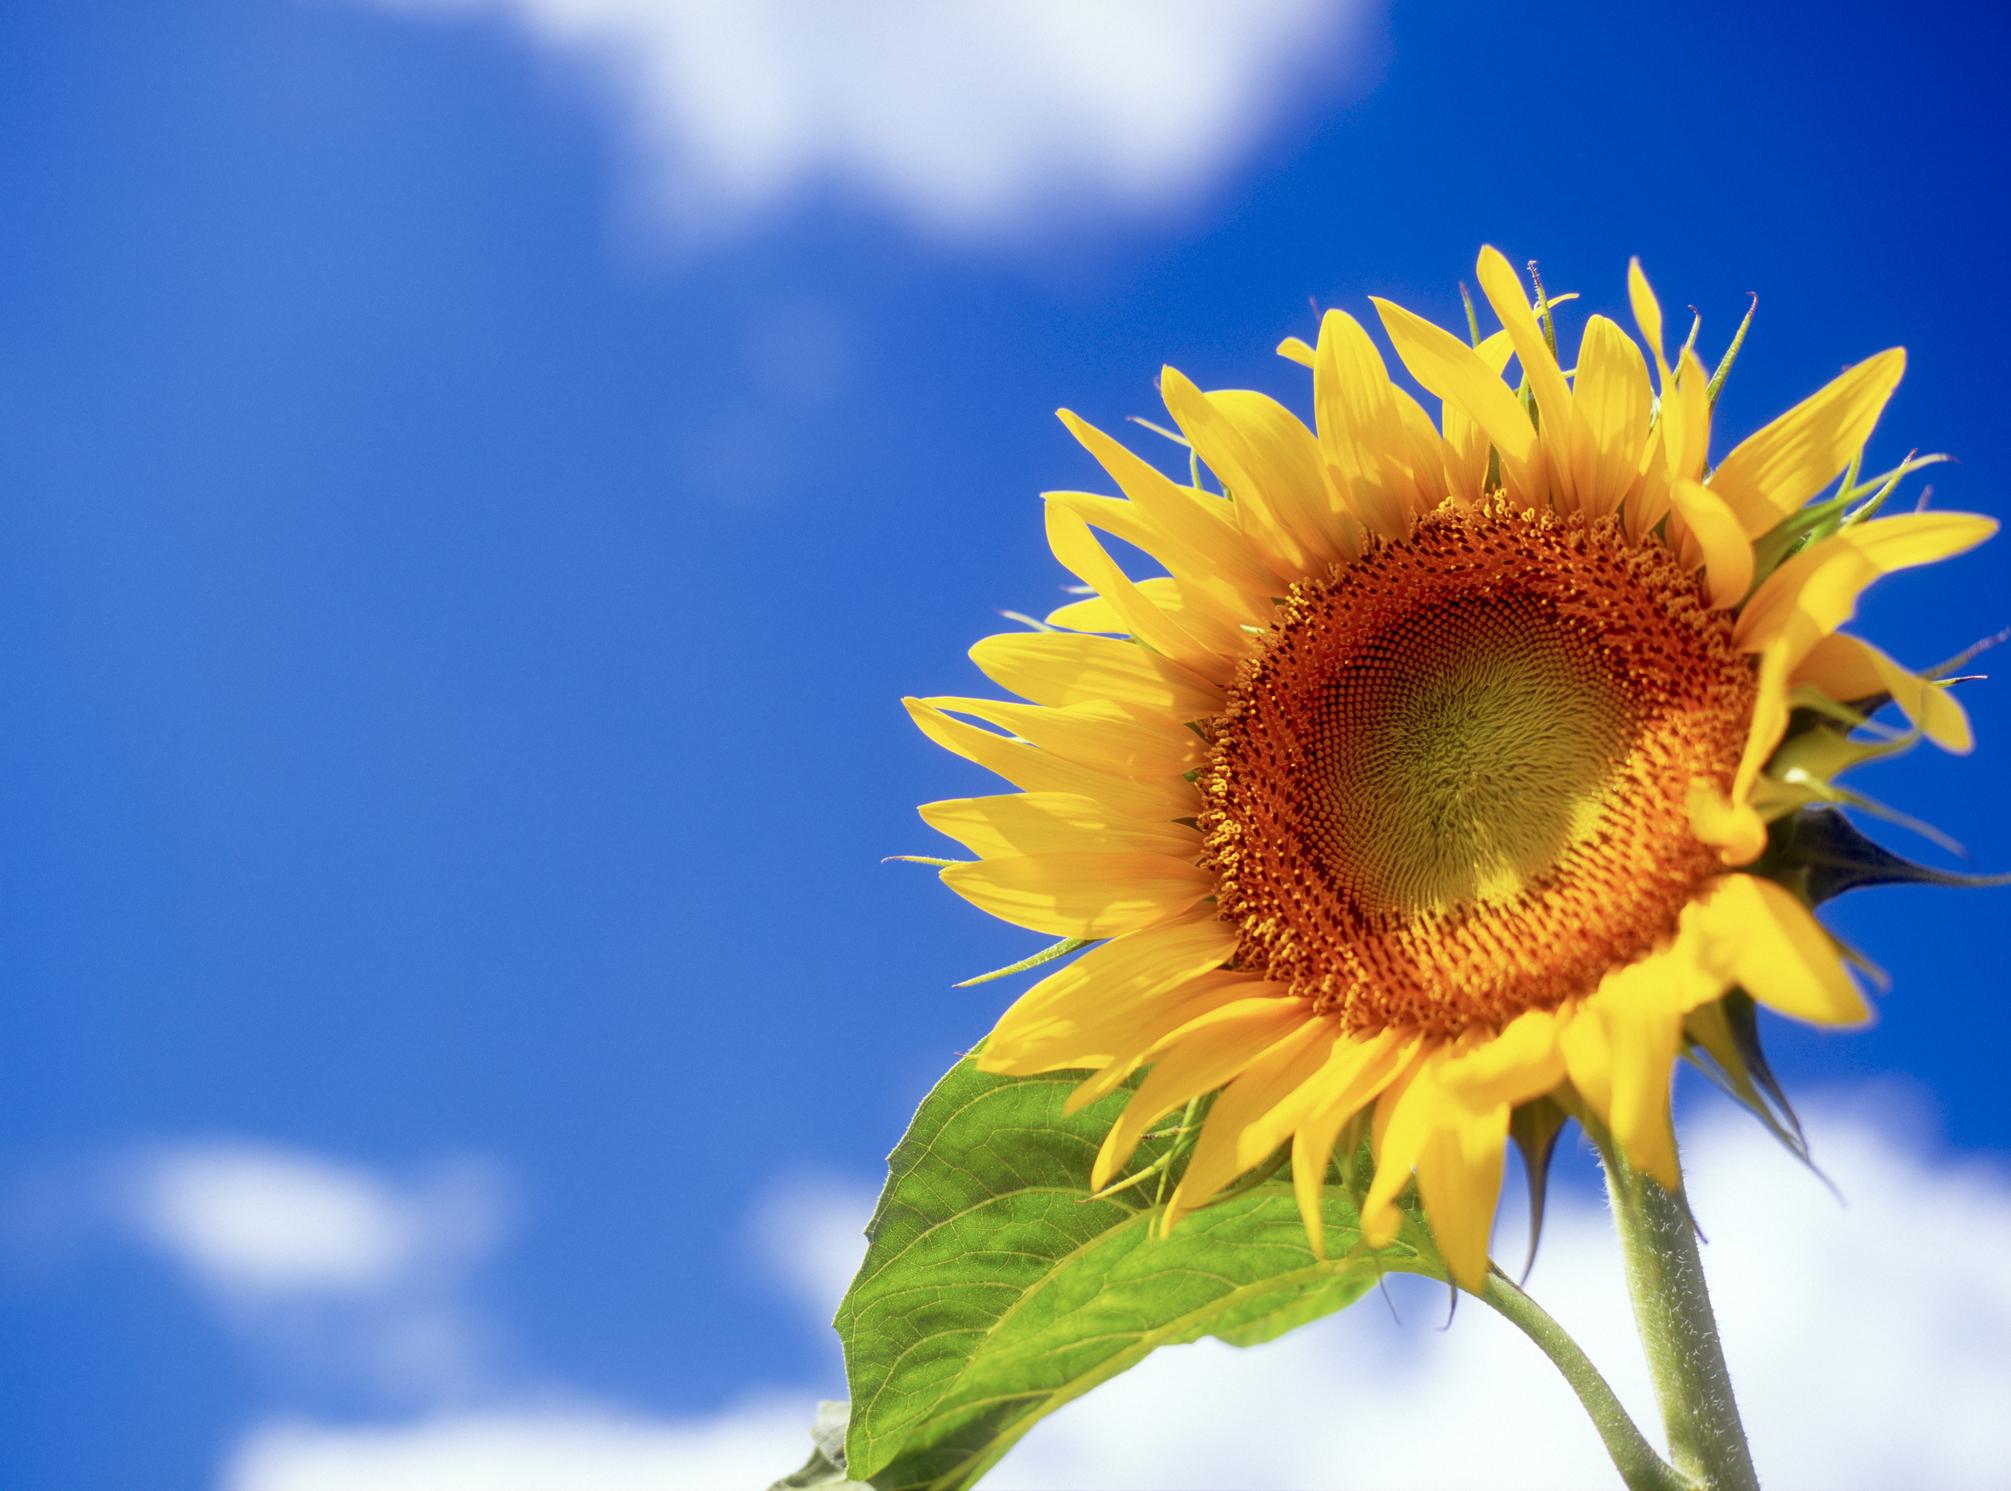 The Sunflower Girl.jpg